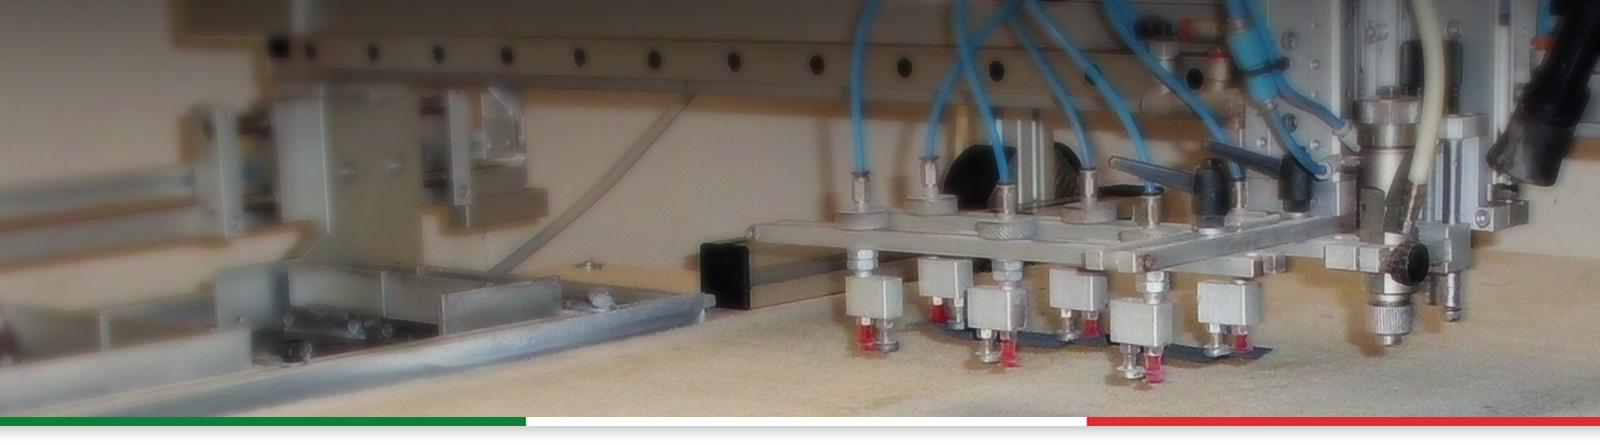 Tecnologia nella preparazione della piccola pelletteria